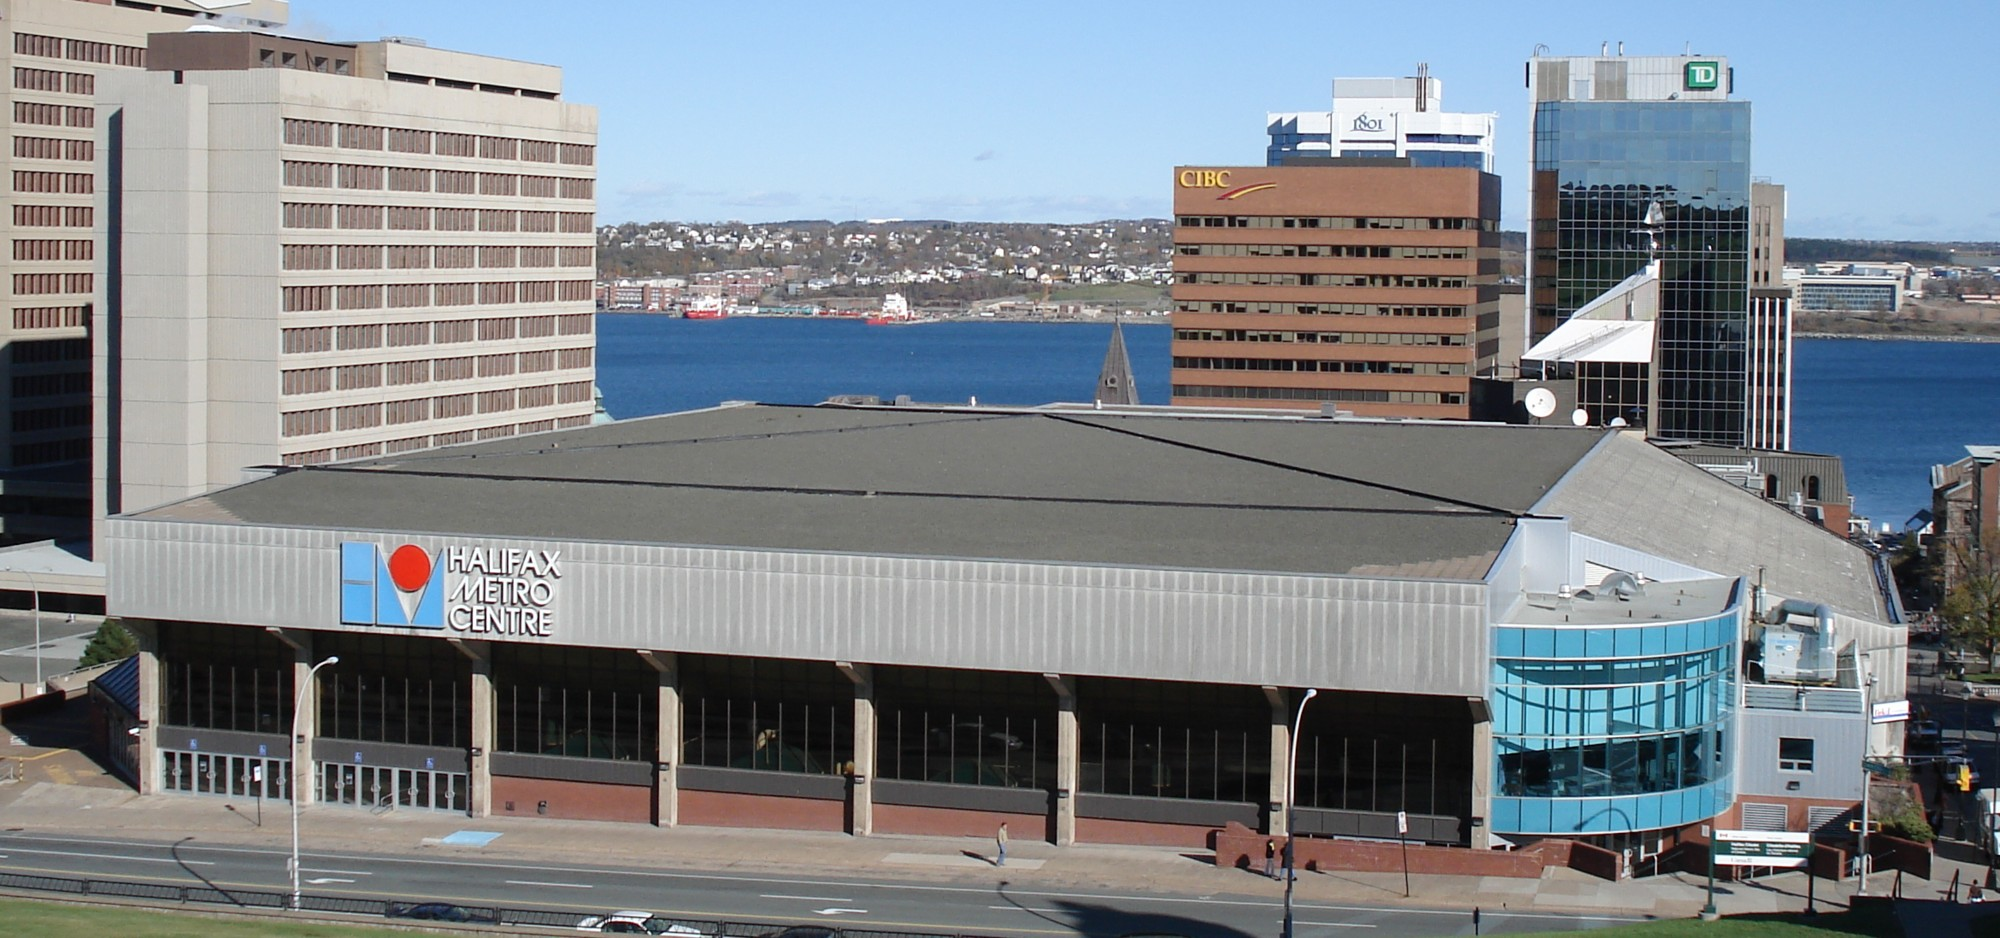 Halifax Metro Centre